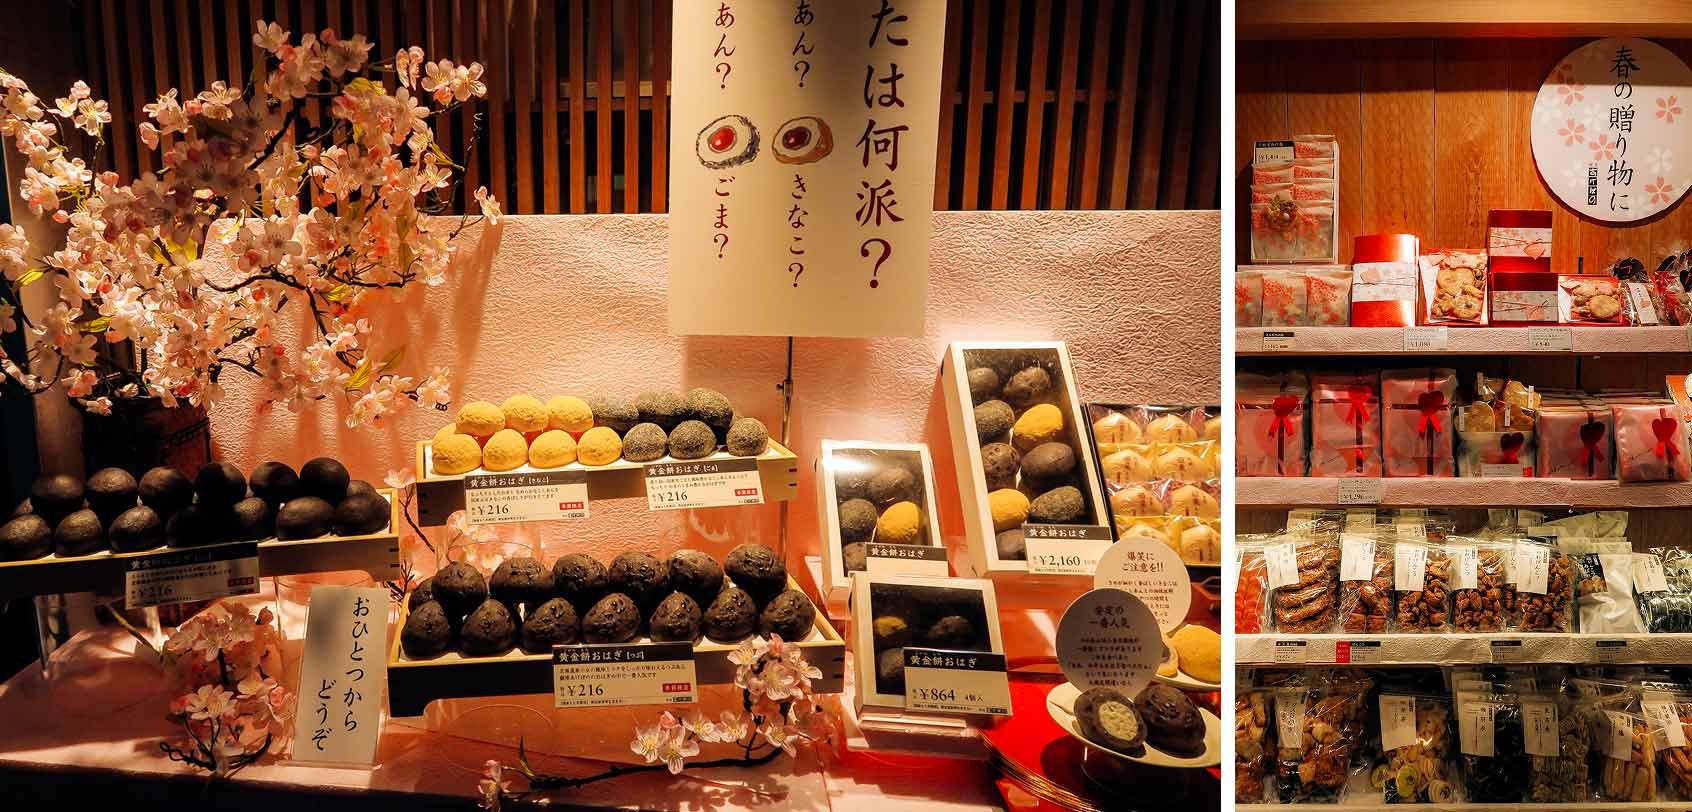 日本Arigato:东京旅游美食之旅至非文化景点